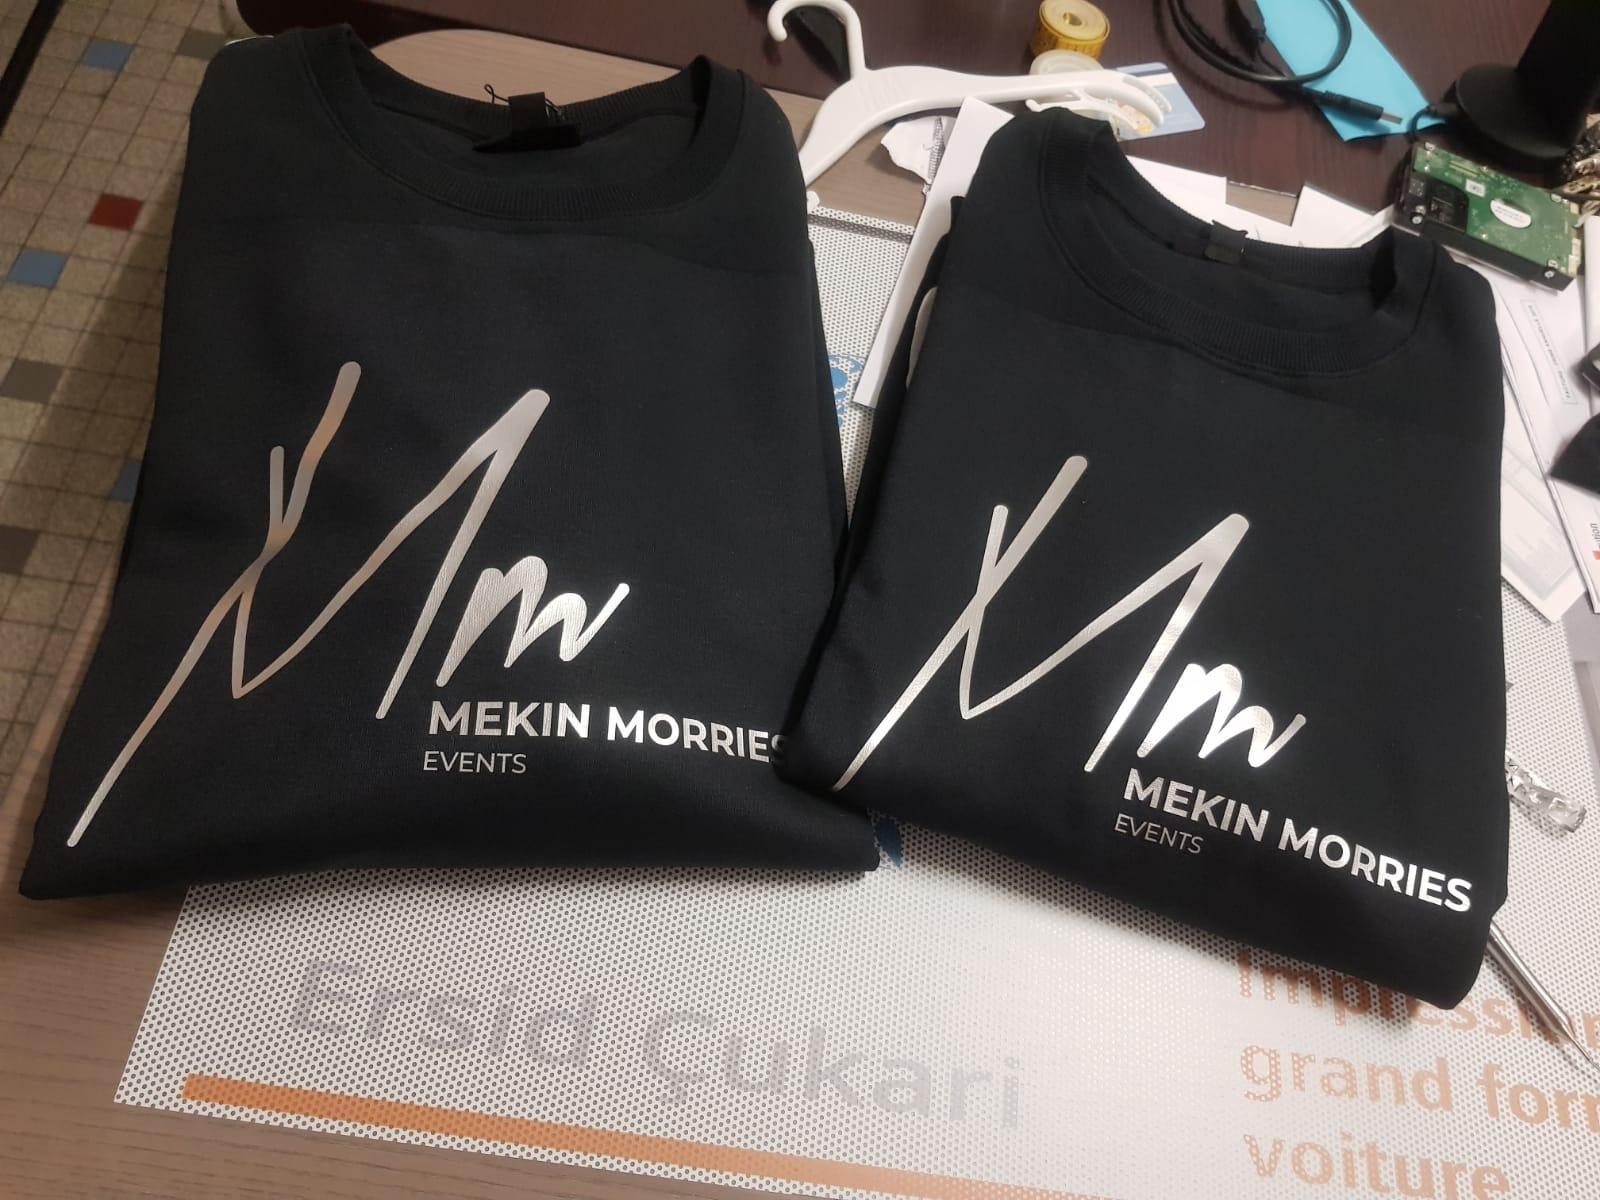 Mekin Morries